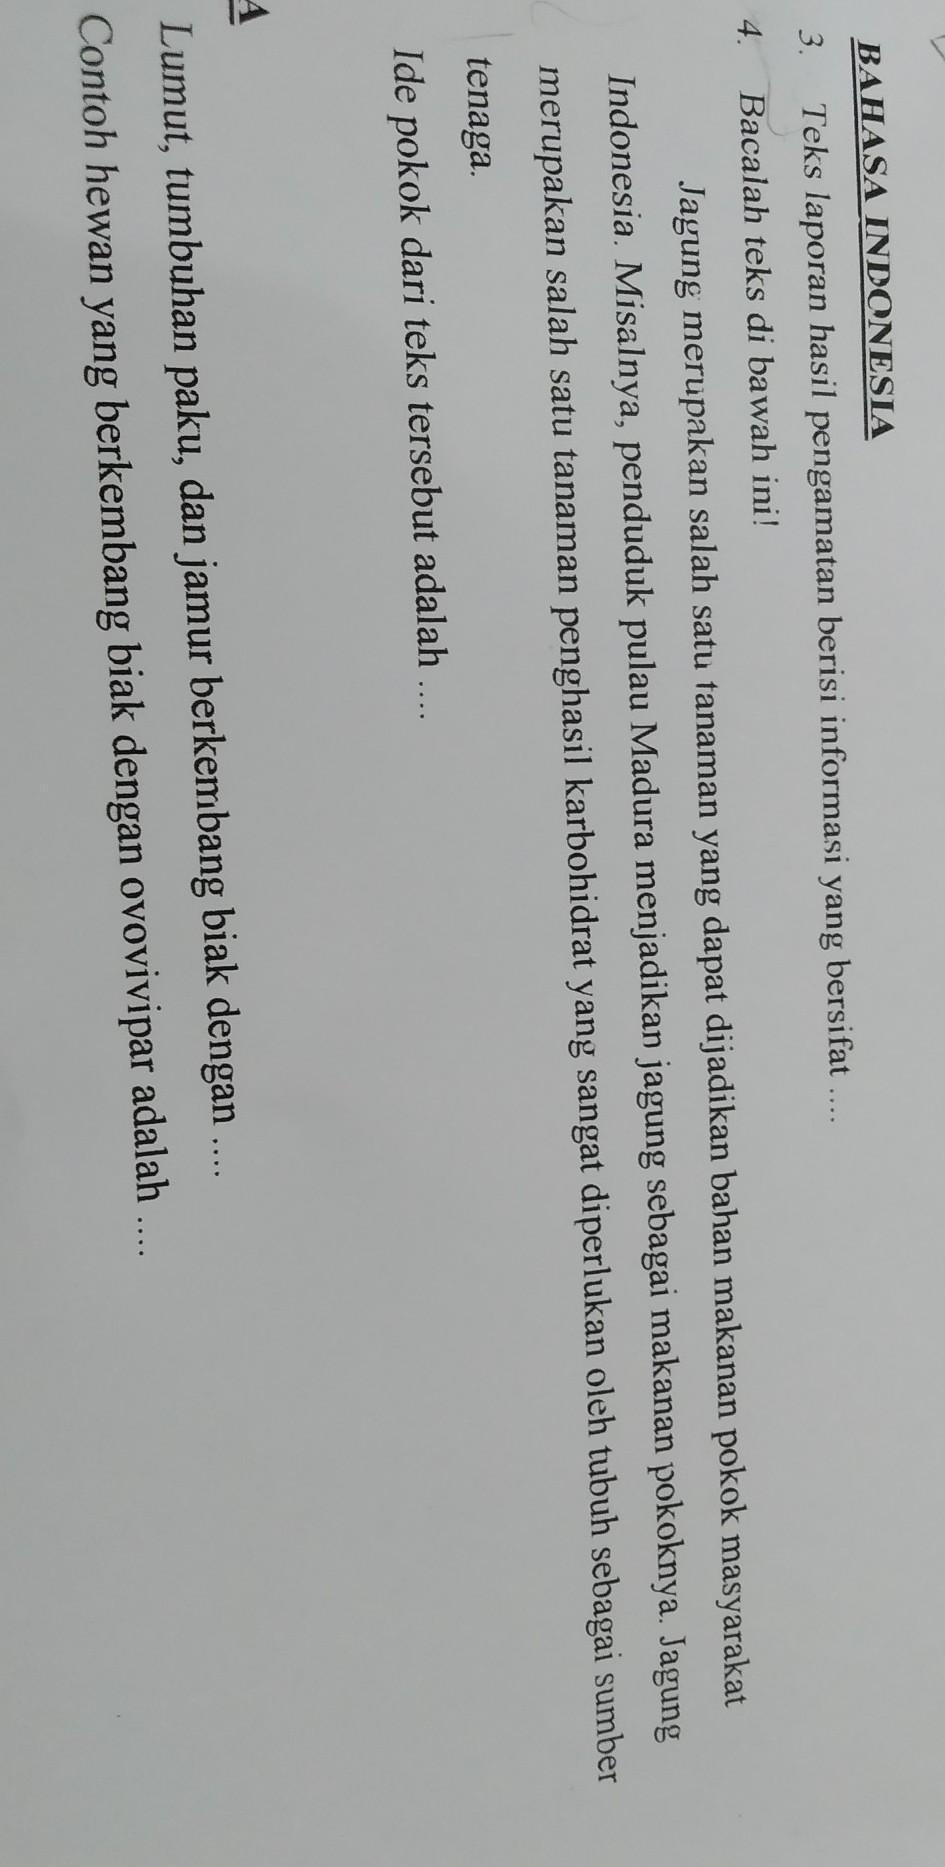 Bahasa Indonesia3 Teks Laporan Hasil Pengamatan Berisi Informasi Yang Bersifat 4 Bacalah Teks Brainly Co Id